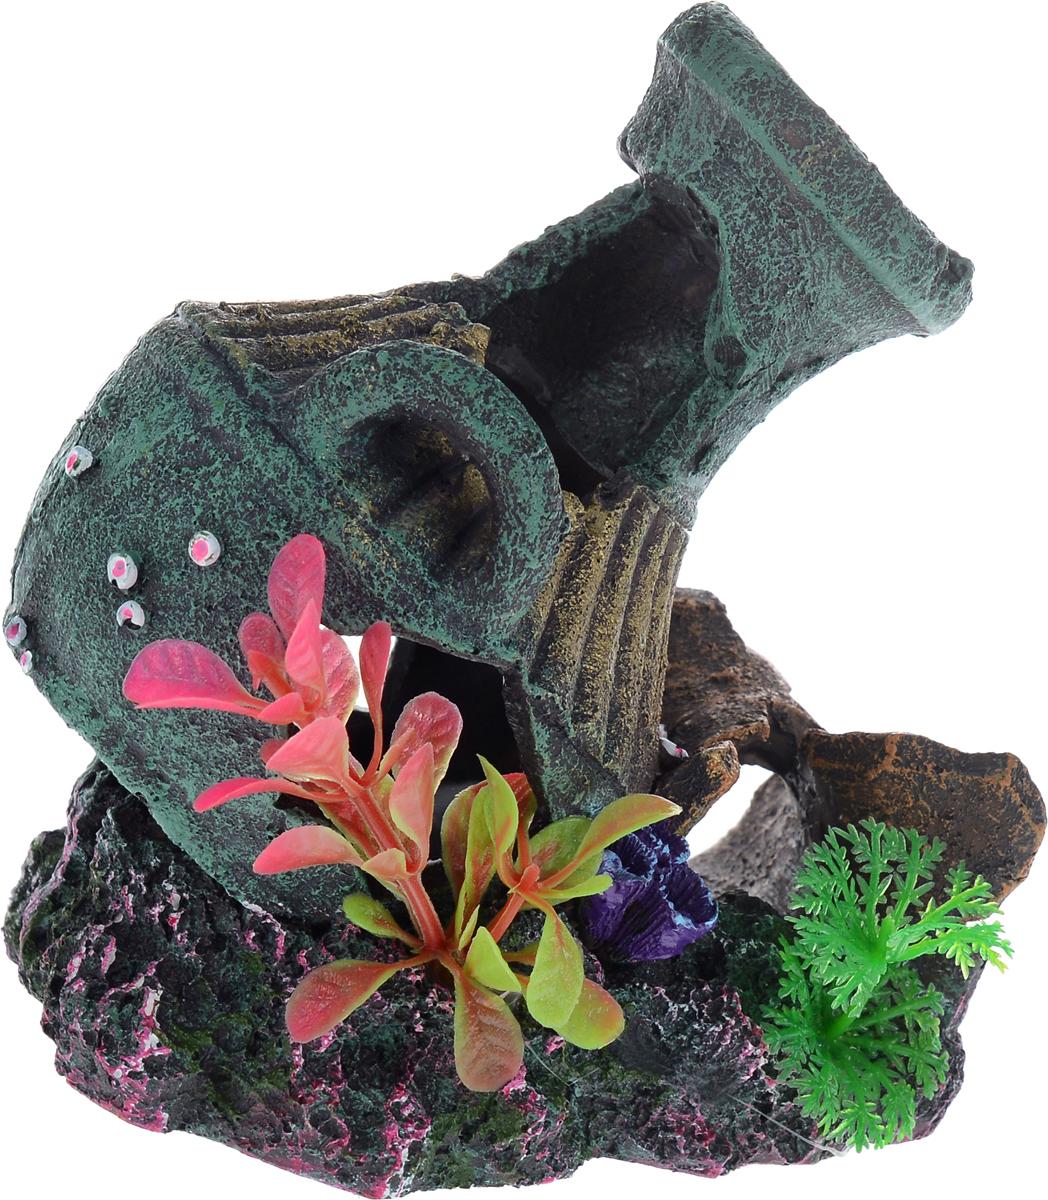 Декорация для аквариума Barbus Амфора, 13,5 х 11,5 х 14 смDecor 057Декорация для аквариума Barbus Амфора, выполненная из высококачественного нетоксичного полирезина, станет прекрасным украшением вашего аквариума. Изделие отличается реалистичным исполнением с множеством мелких деталей и отверстий. Ведь многие обитатели аквариума используют декорации как укрытия, в которых они живут и размножаются. Декорация абсолютно безопасна, нейтральна к водному балансу, устойчива к истиранию краски, подходит как для пресноводного, так и для морского аквариума. Благодаря декорациям Barbus вы сможете смоделировать потрясающий пейзаж на дне вашего аквариума или террариума.